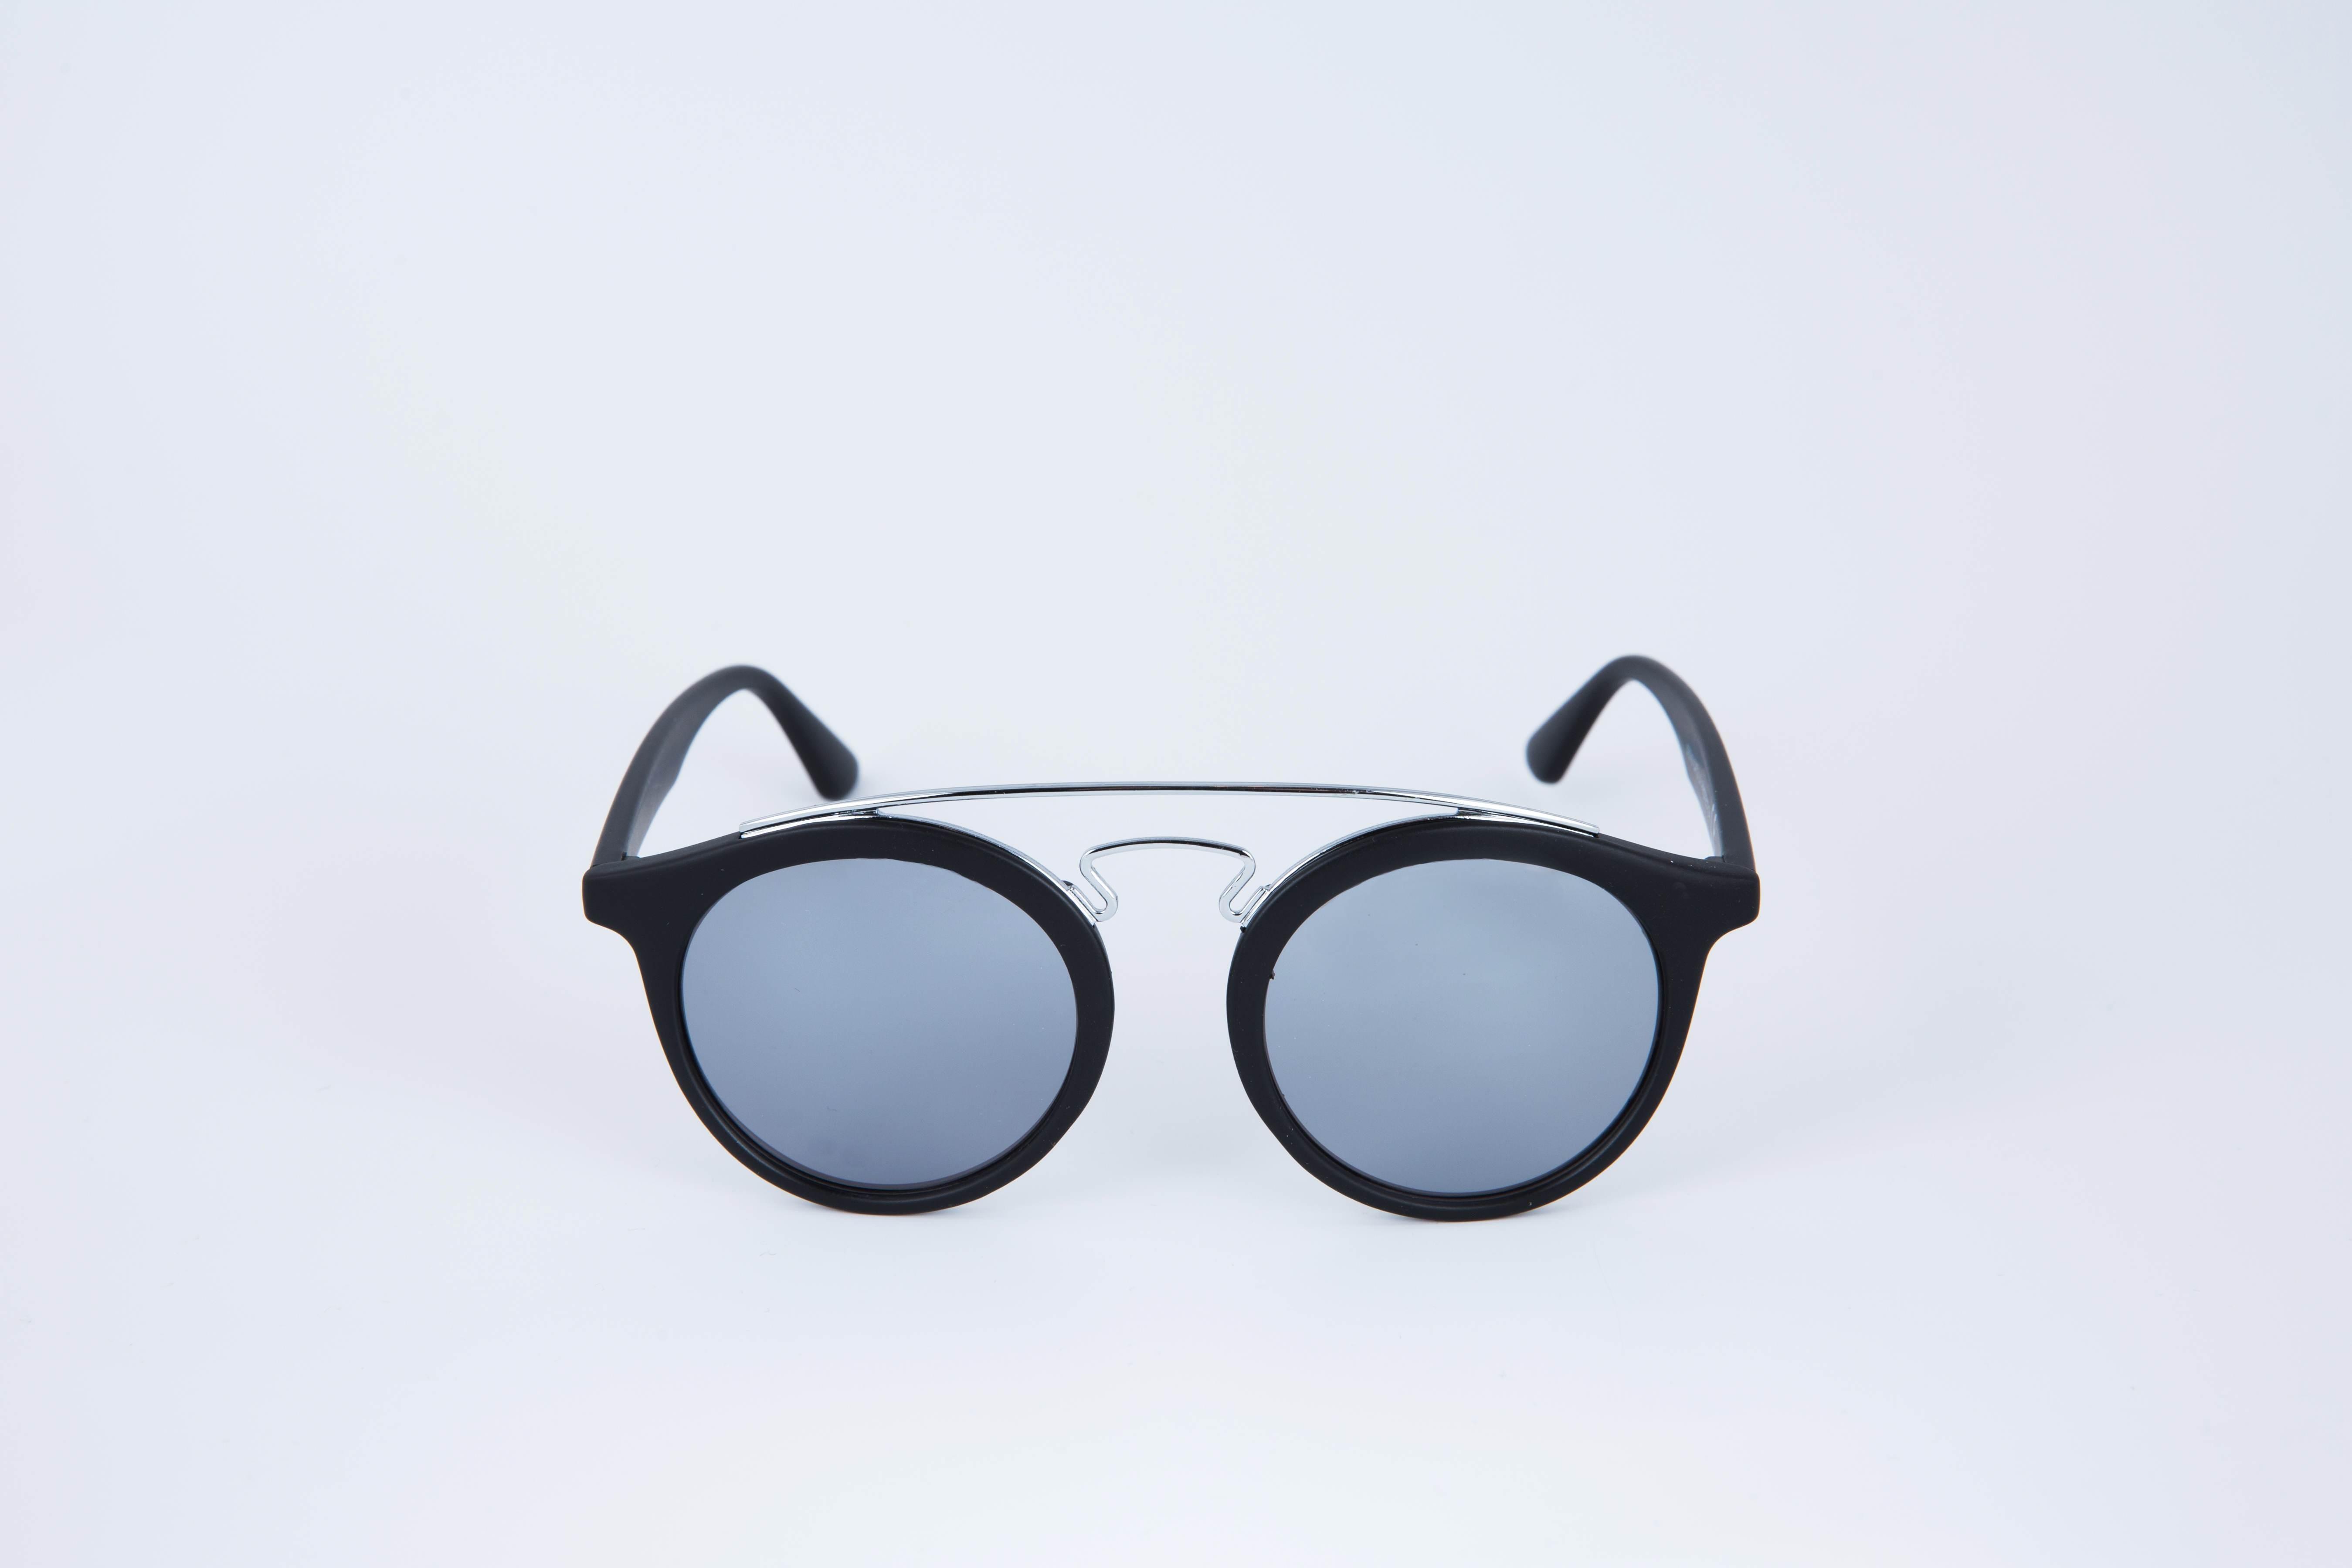 8fc771d5a3e1d7 Lunette de Soleil - Homme - Femme - Accessoire - Noir Mat - Double ...